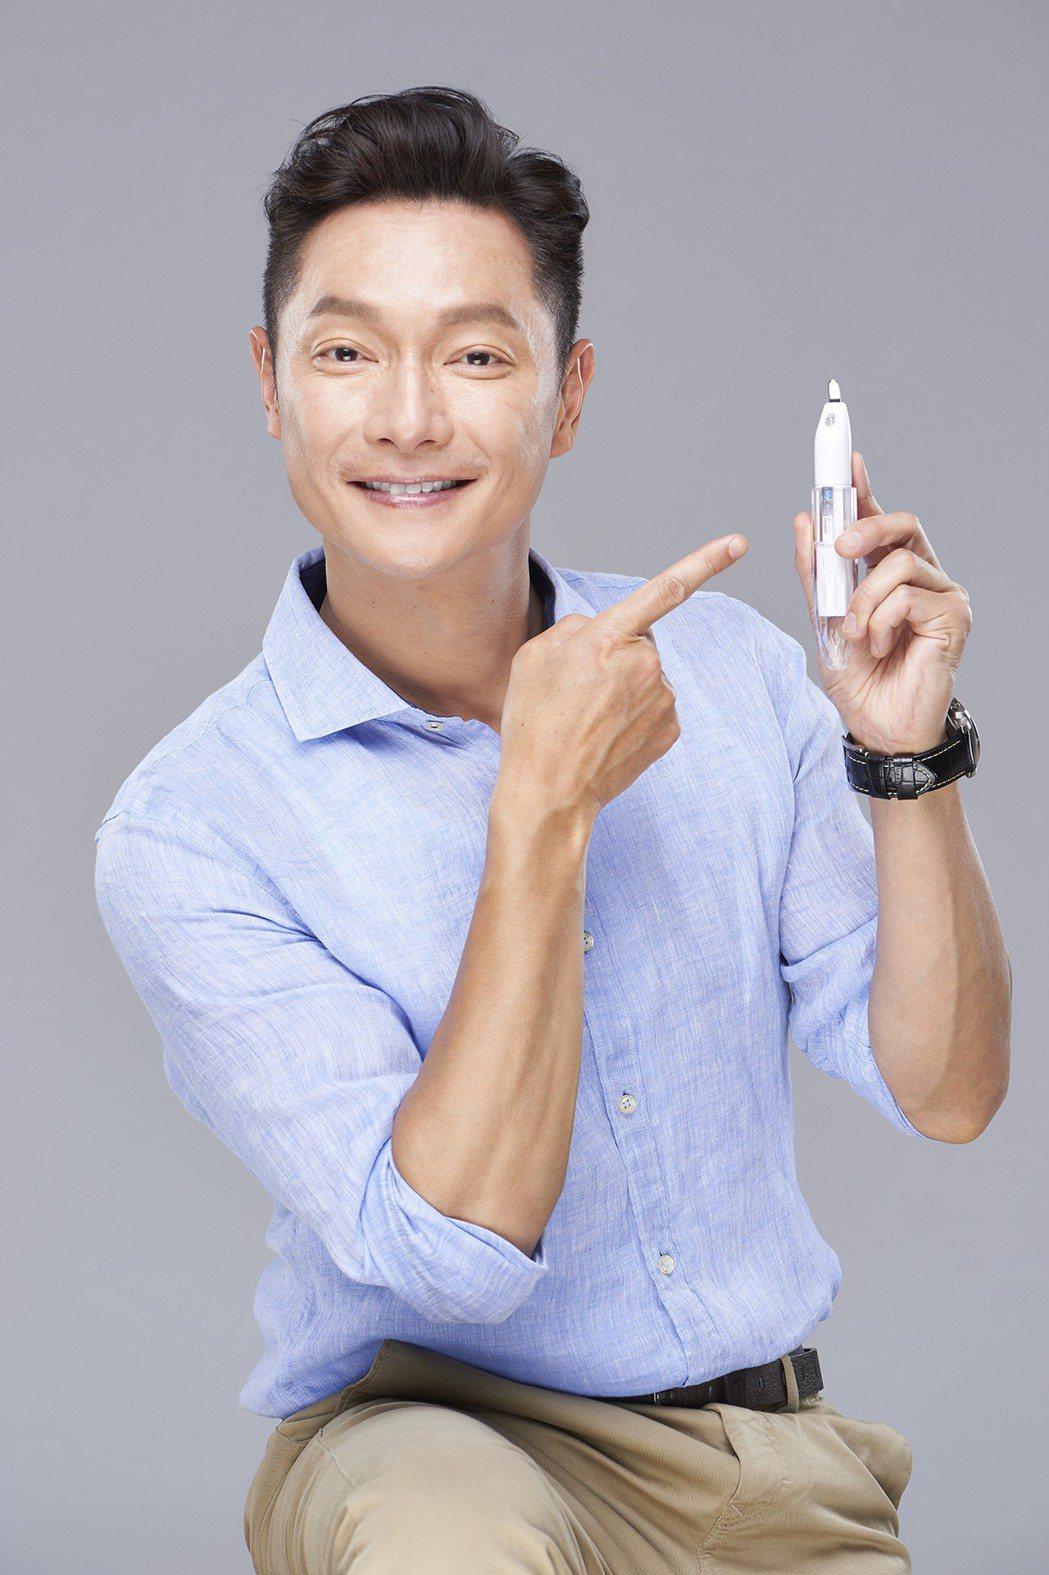 謝祖武為代言美妝商品粉刺戰痘機拍攝宣傳照。圖/明悅提供